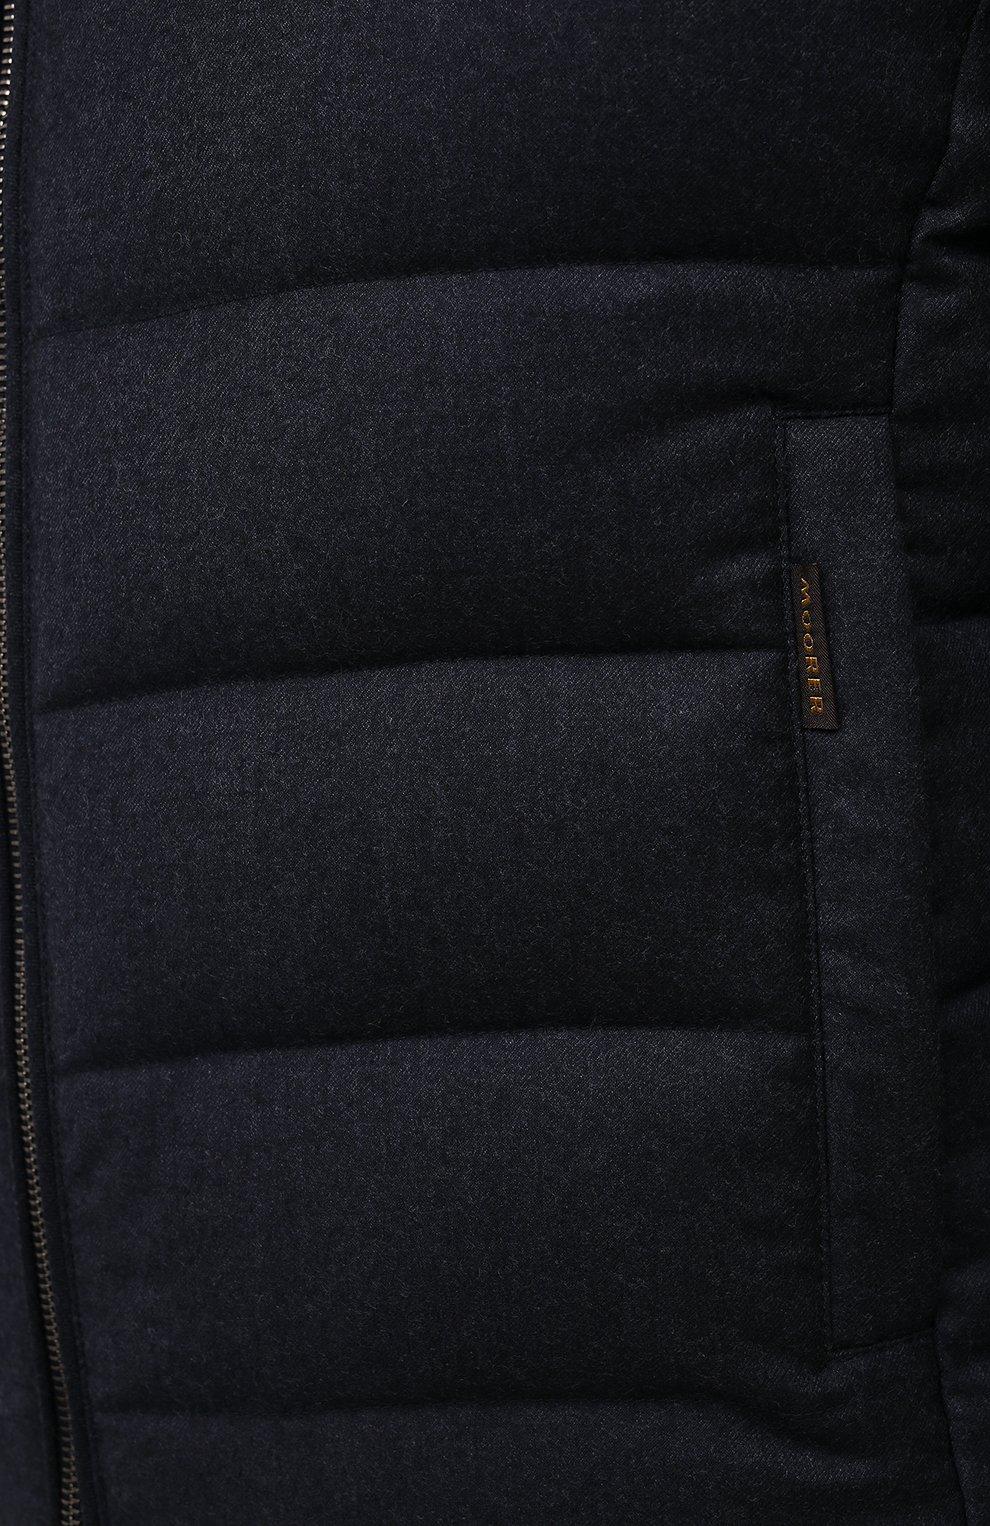 Мужской пуховый жилет oliver-l MOORER синего цвета, арт. 0LIVER-L/M0UGL100050-TEPA217 | Фото 5 (Кросс-КТ: Куртка, Пуховик; Материал внешний: Шерсть; Материал подклада: Синтетический материал; Длина (верхняя одежда): Короткие; Материал утеплителя: Пух и перо; Стили: Кэжуэл)